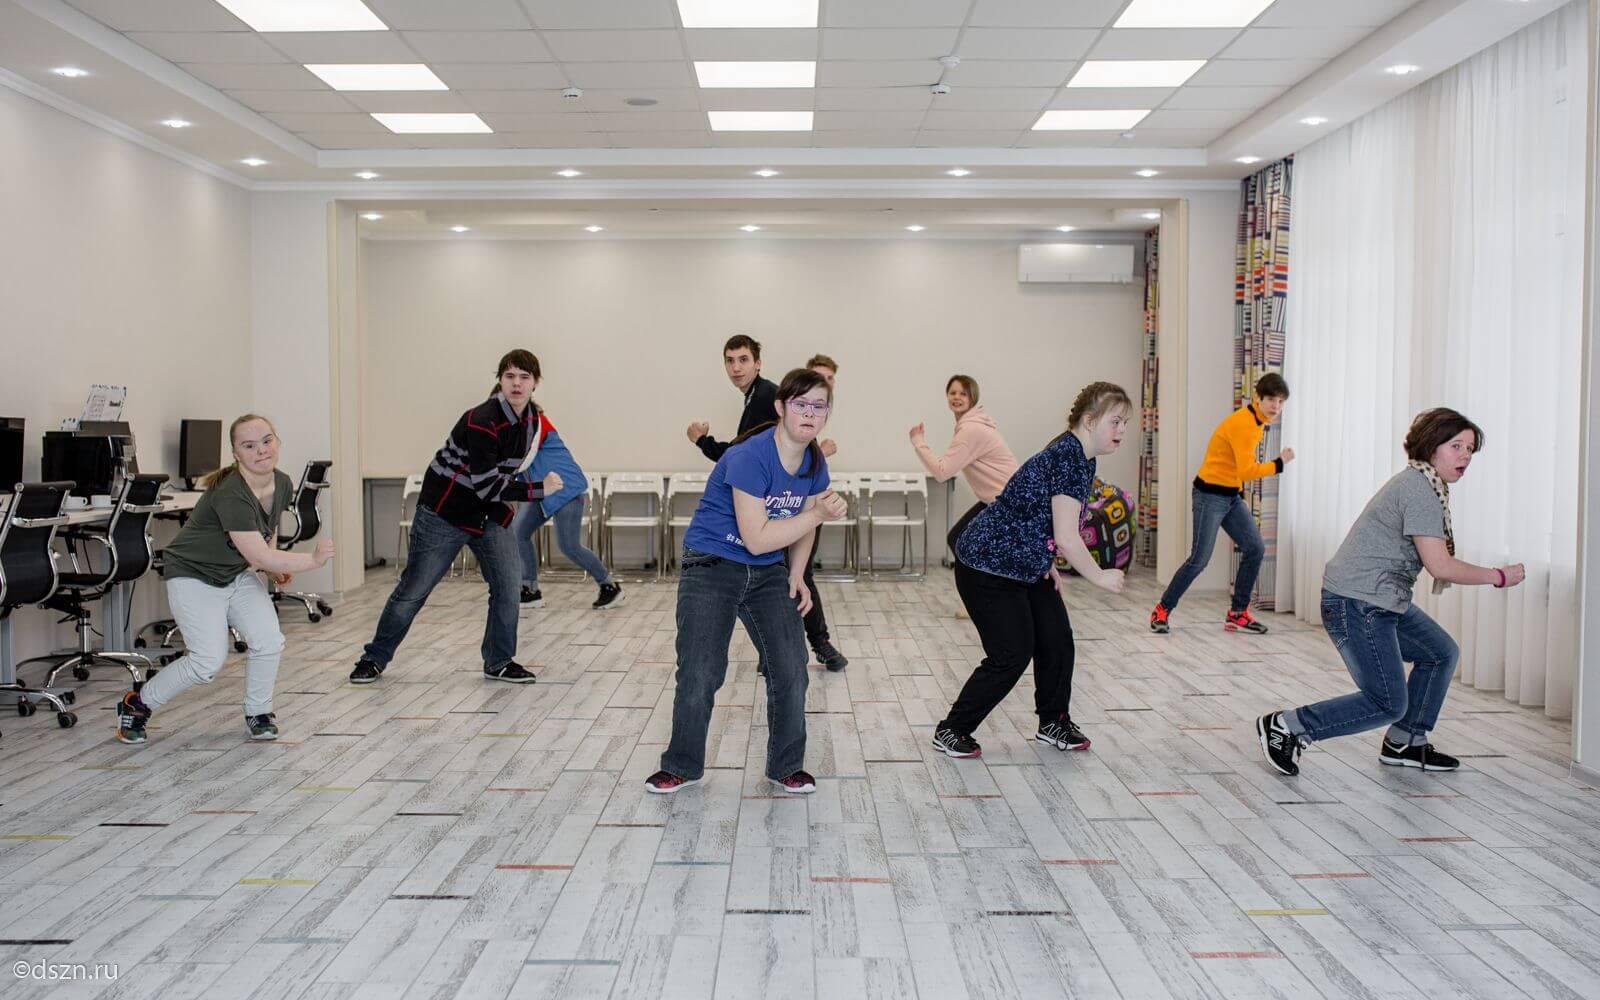 Сергей Собянин: Центр сопровождаемого проживания. Помогаем молодым людям с ментальными особенностями - фото 10